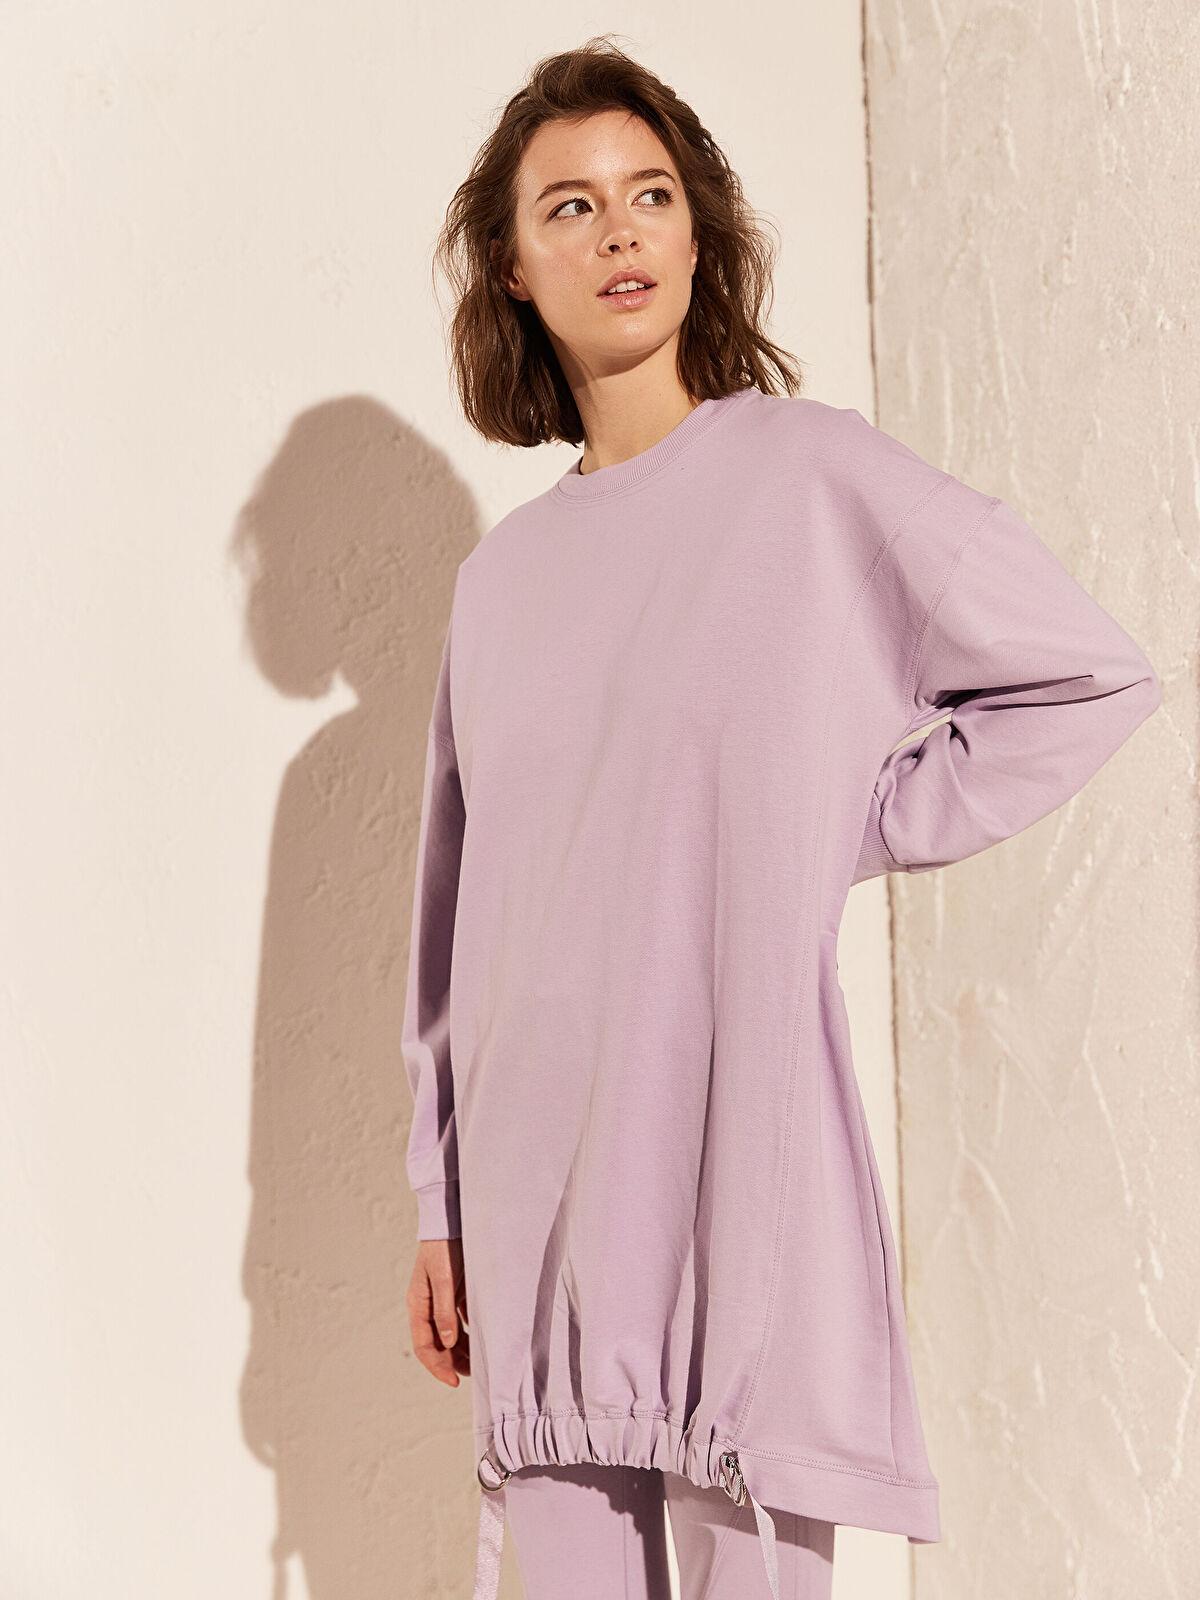 Beli Büzgülü Oversize Sweatshirt - LC WAIKIKI